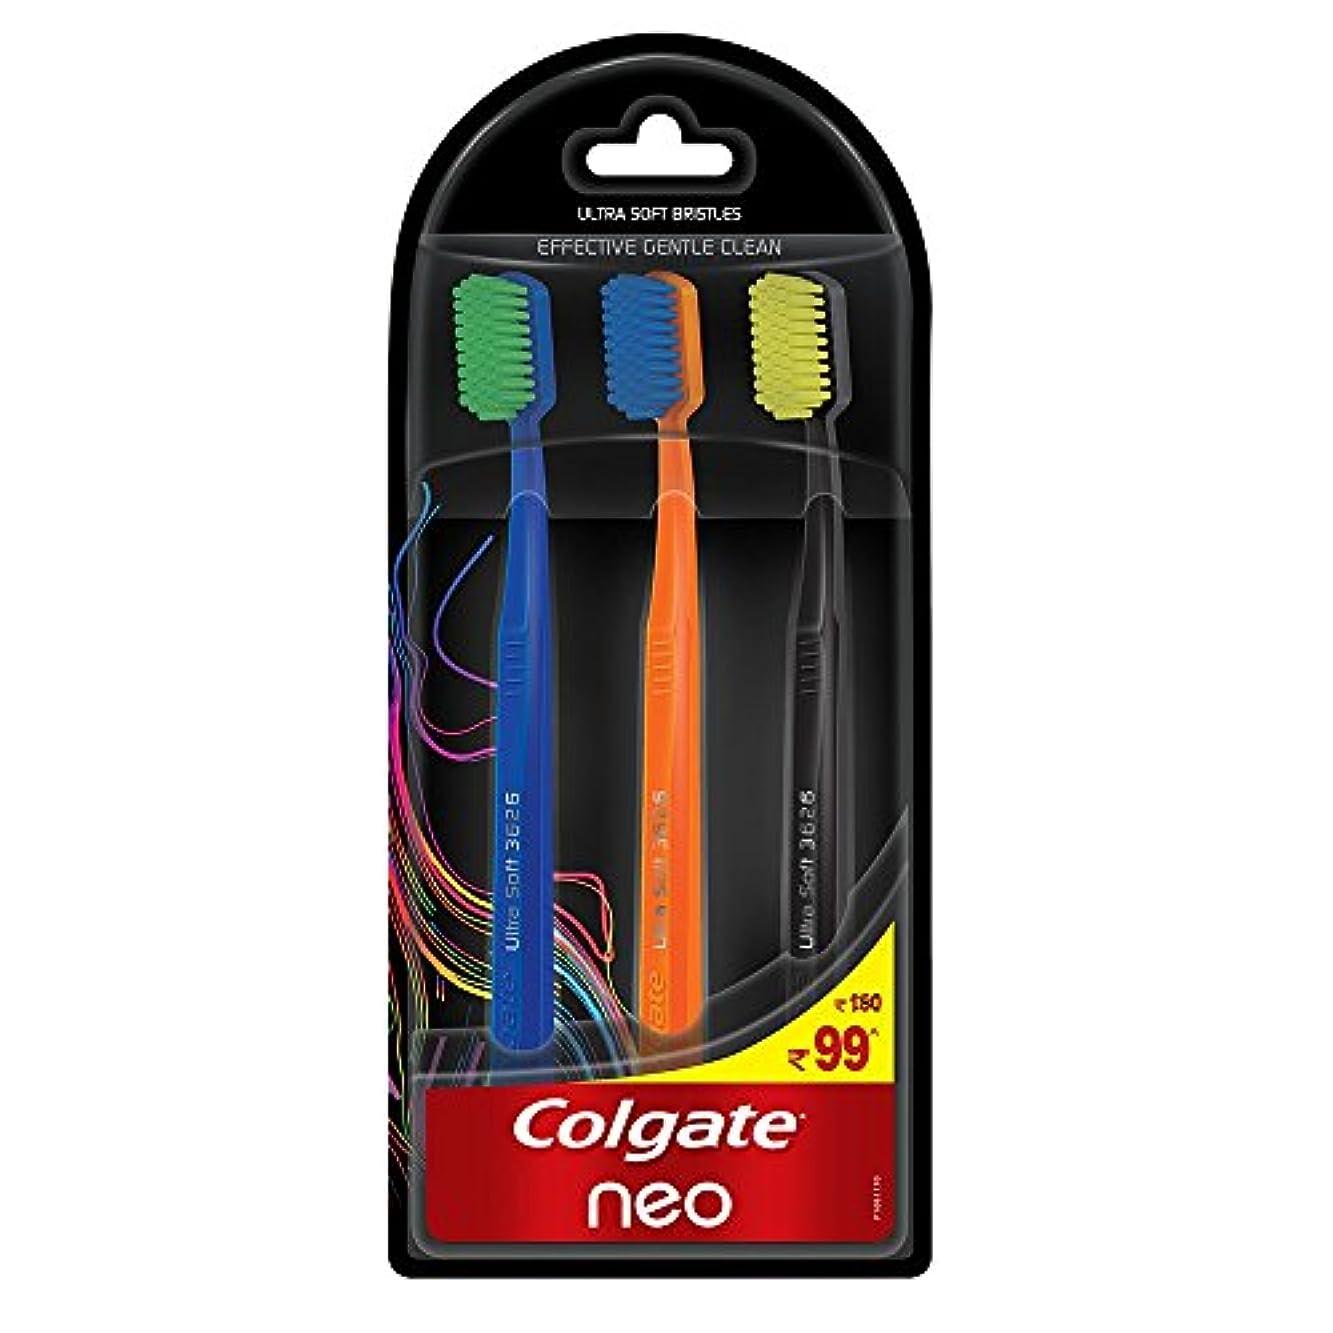 オーナー動脈最初にColgate Neo Toothbrush Effective Gentle Clean